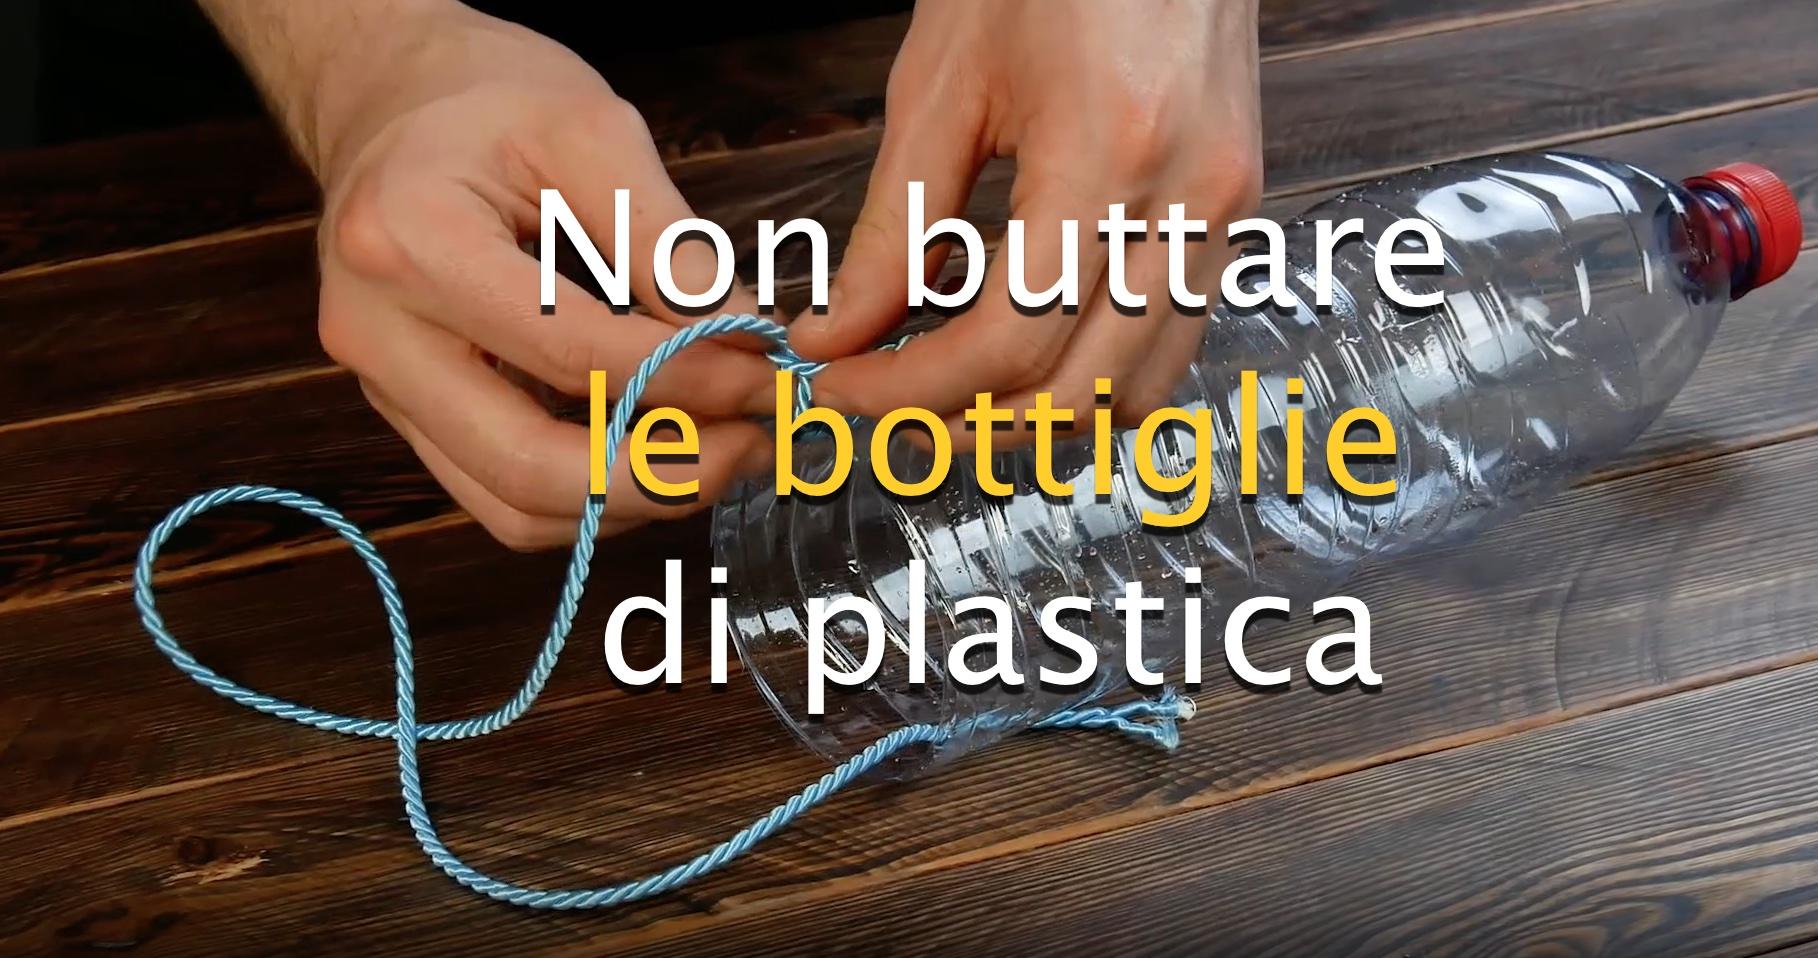 Bagnare Piante Con Bottiglie 9 idee di riciclo creativo con le bottiglie di plastica.